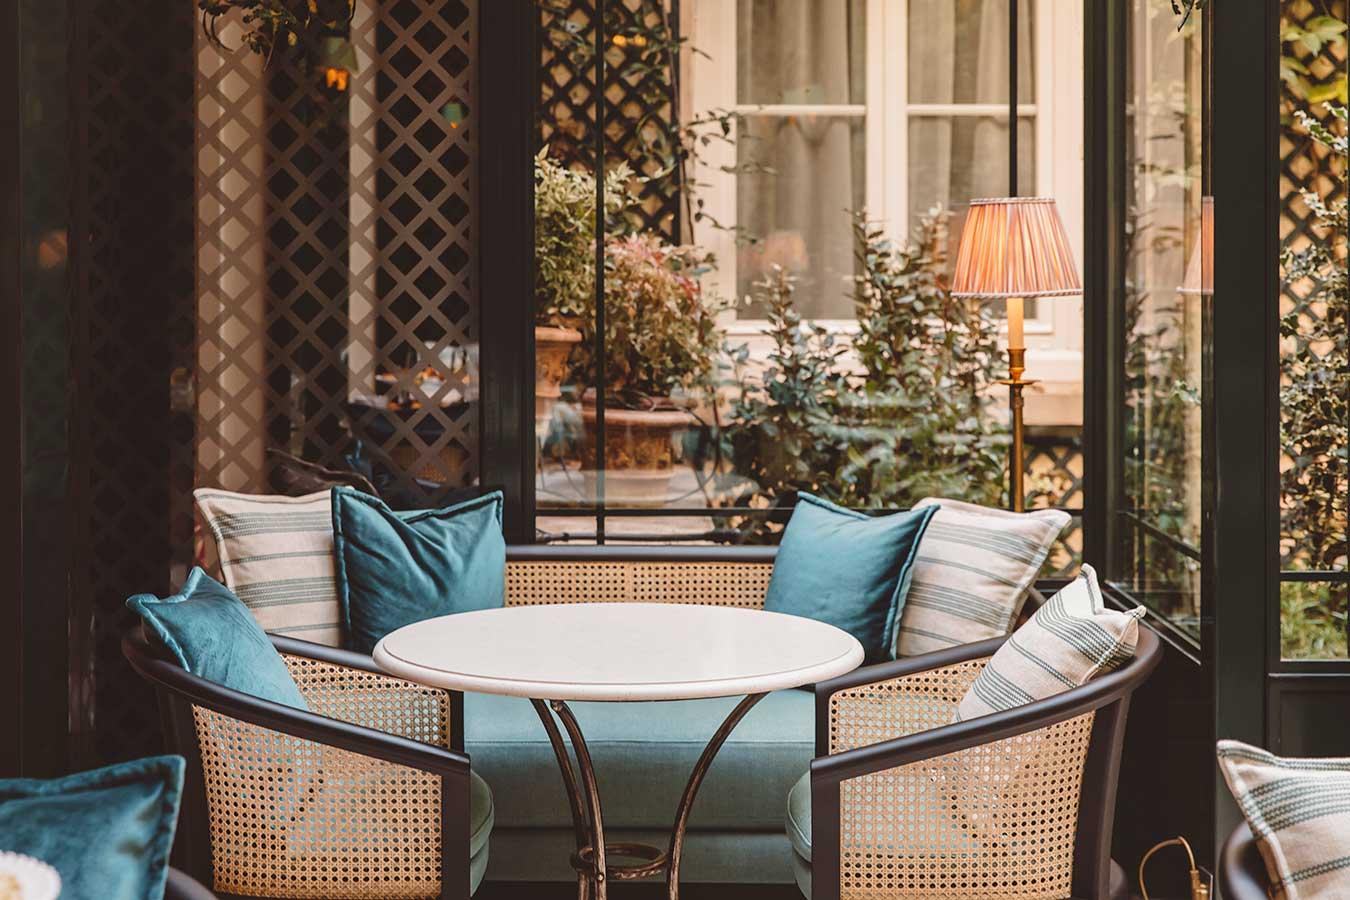 Salon - Table ronde en marbre, canapé avec coussins, fauteuils sous une verrière ensoleillée donnant sur le jardin, dans une harmonie de vert, noir et blanc